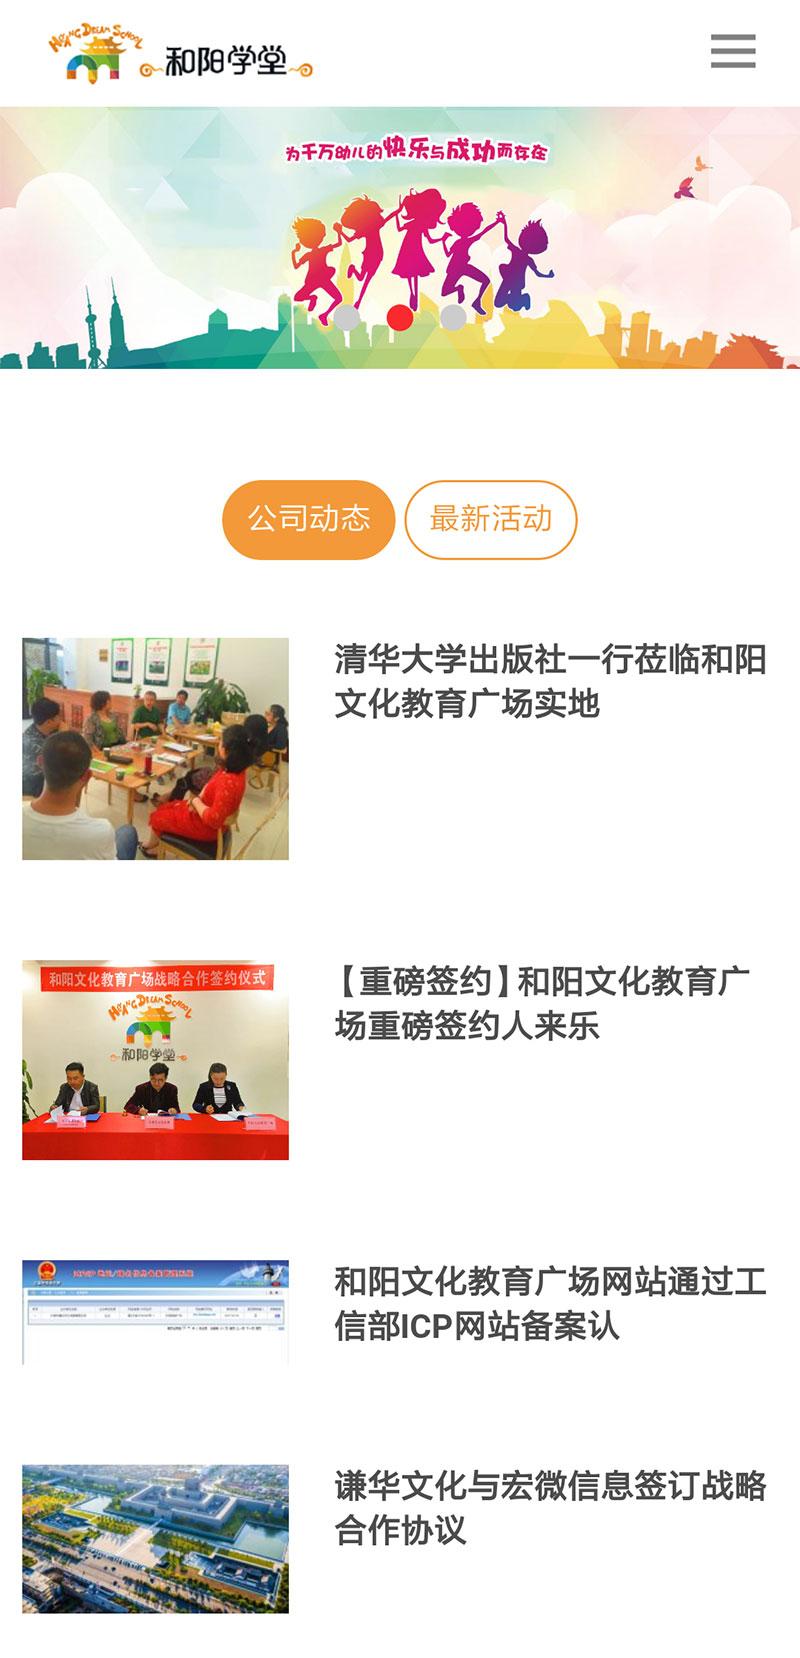 和阳文化教育广场手机版